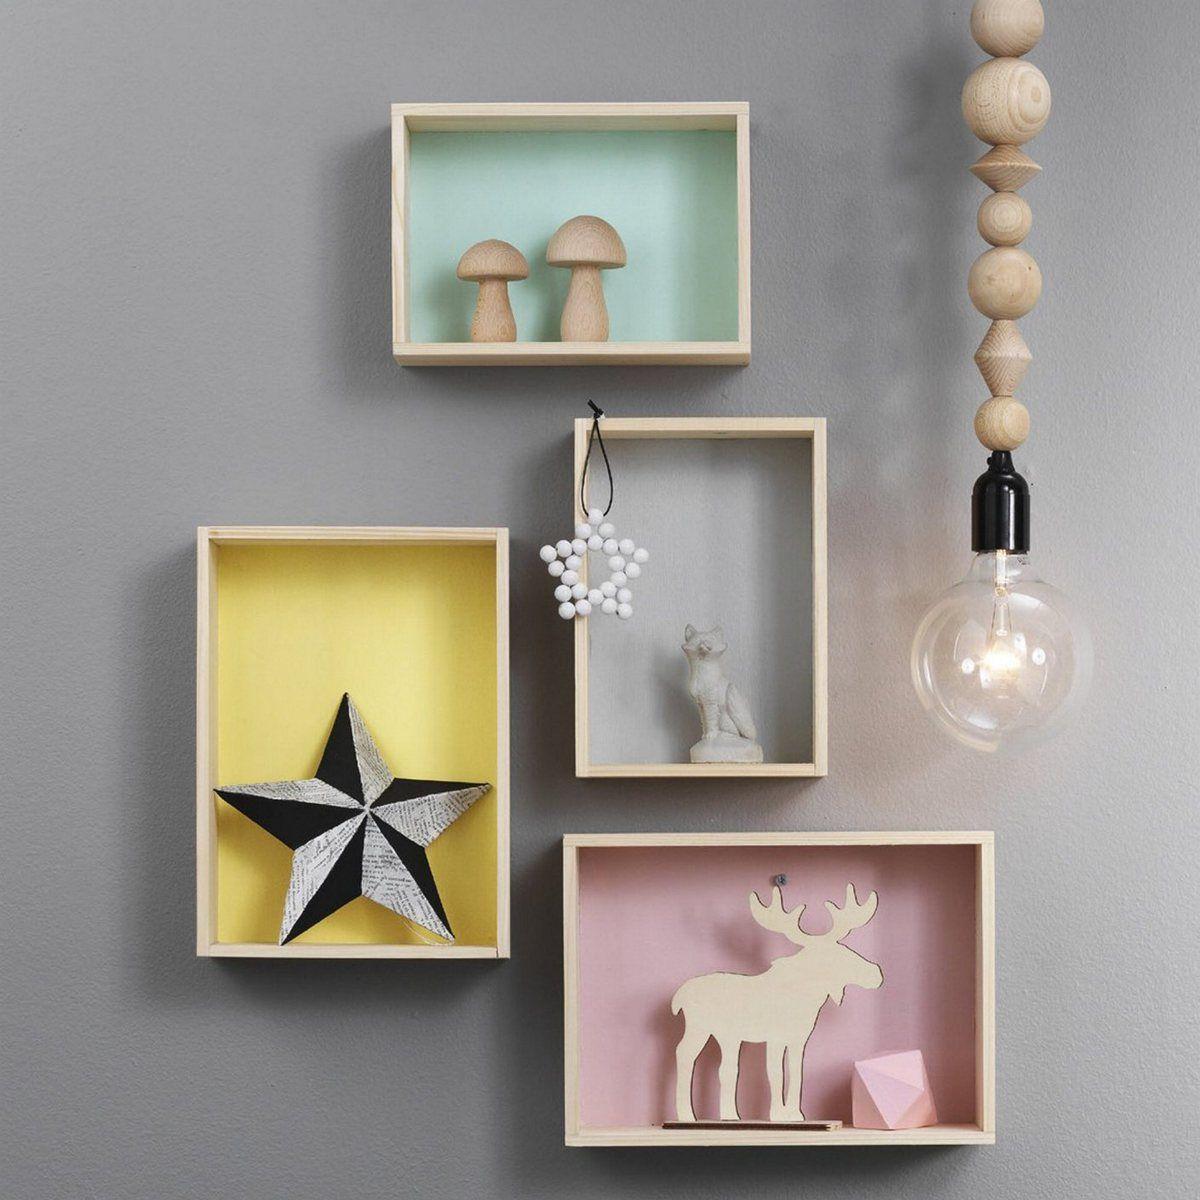 Lådor På Väggen Julklappar Pinterest Lådor, Barnrum Och Vardagsrum